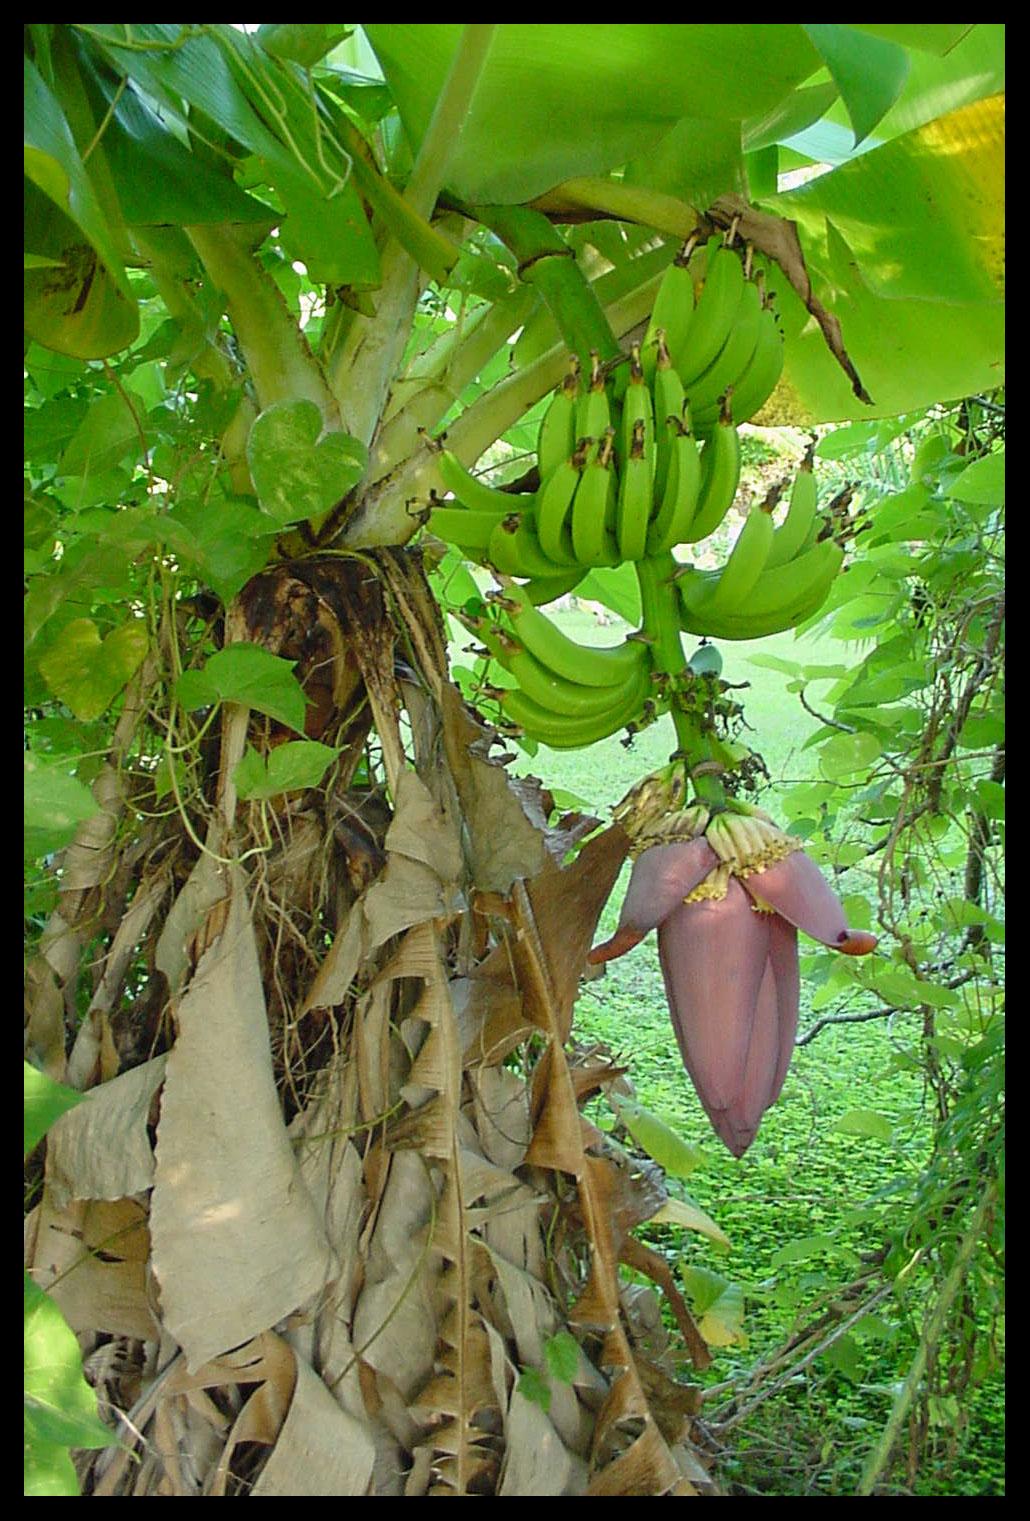 Banana tree and flower Cambridge Beaches Bermuda 1030x1521